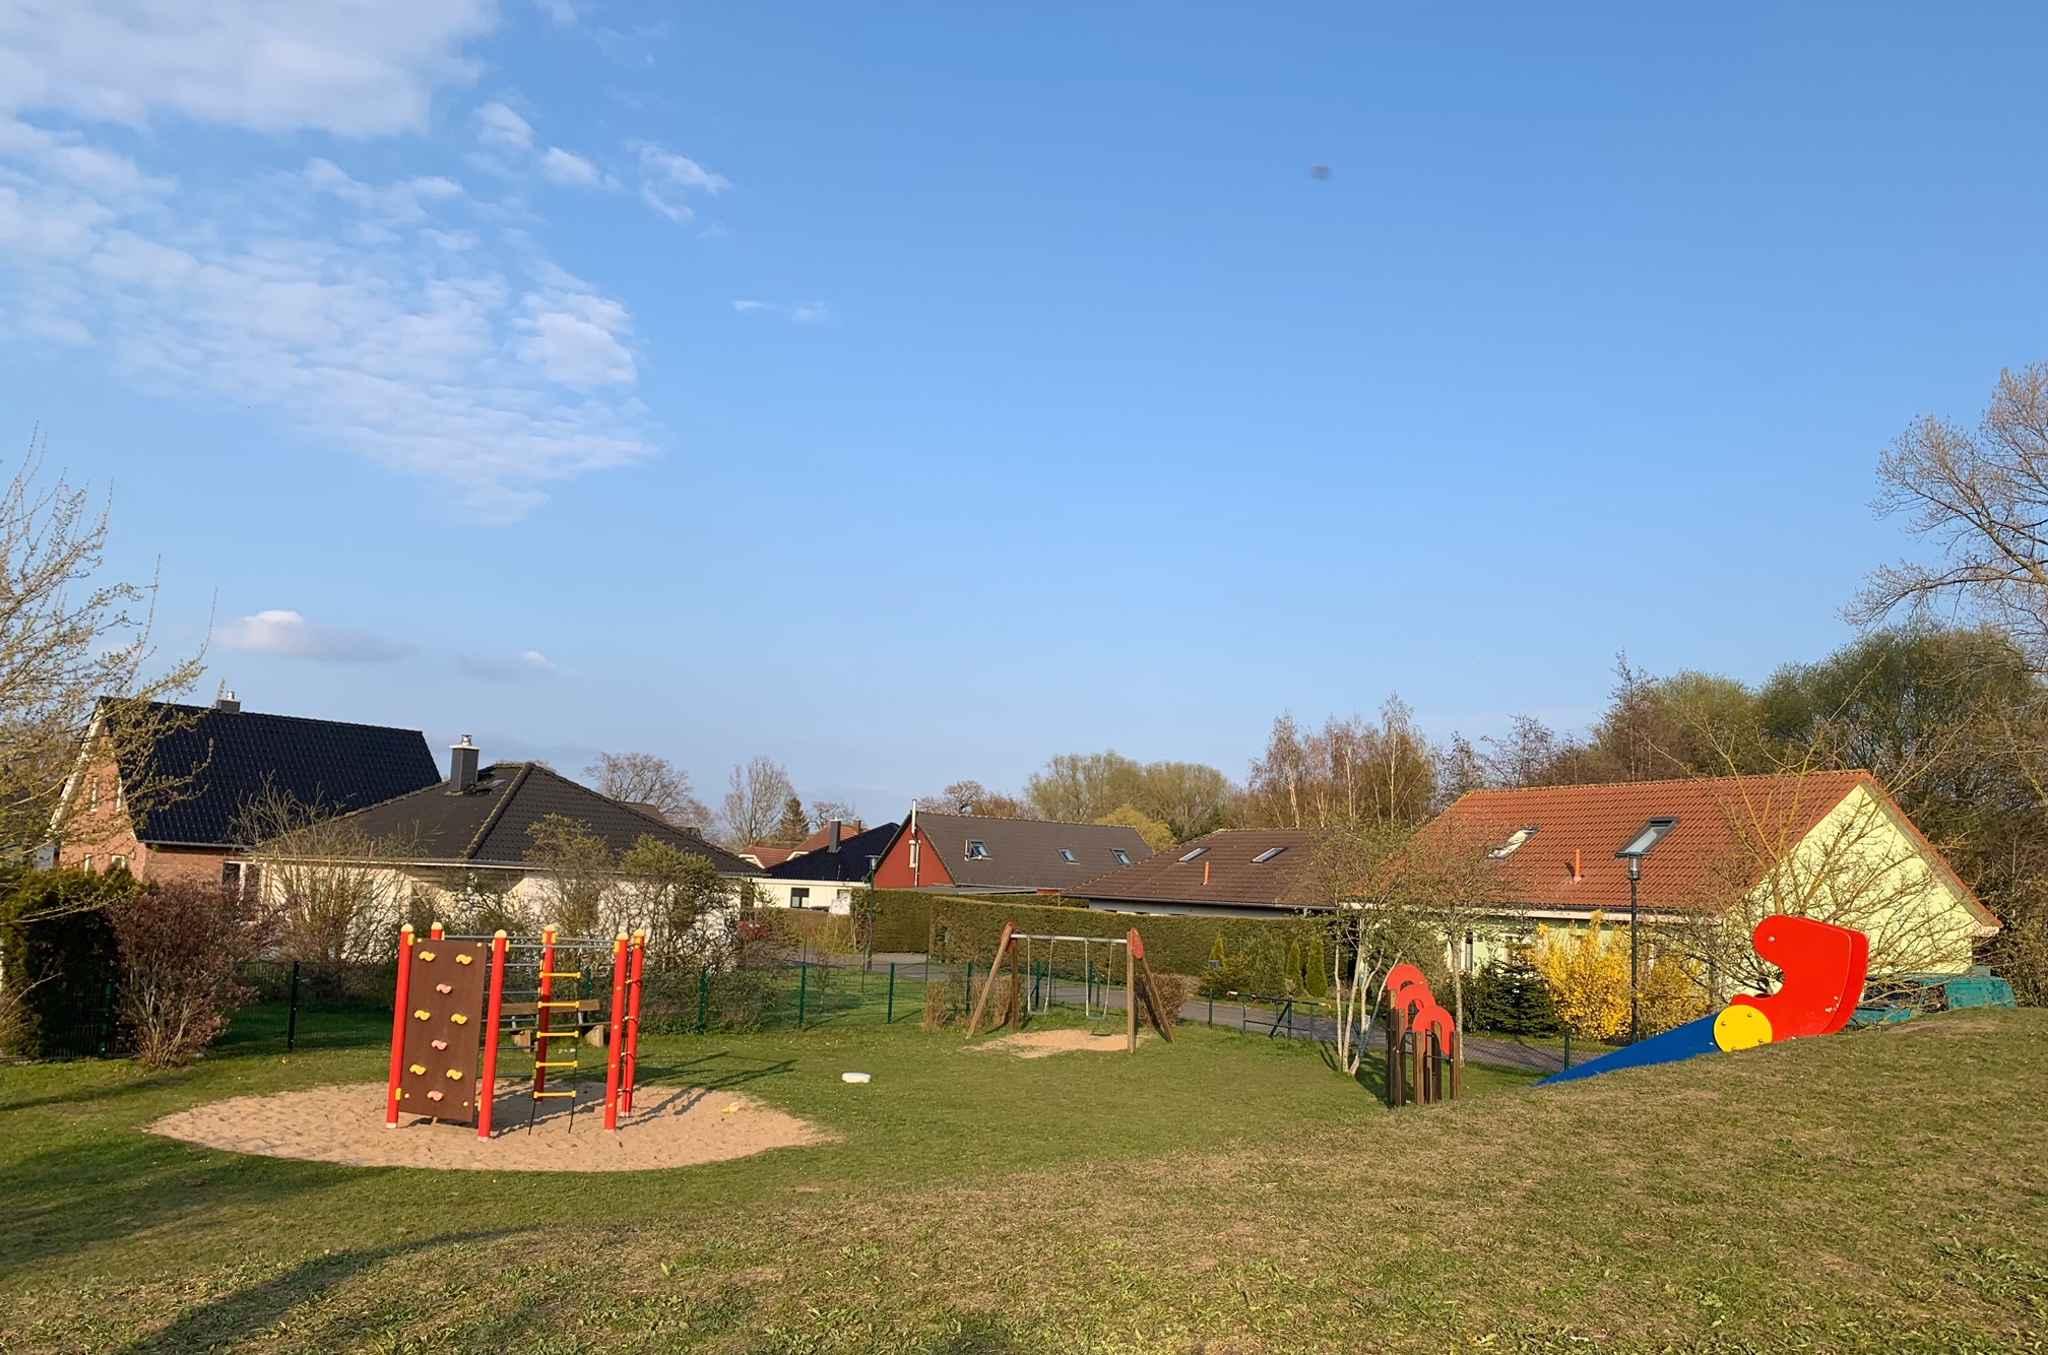 Ferienwohnung mit Garten, direkt im Kranichrastgebiet (360789), Klausdorf, Stralsund, Mecklenburg-Vorpommern, Deutschland, Bild 5